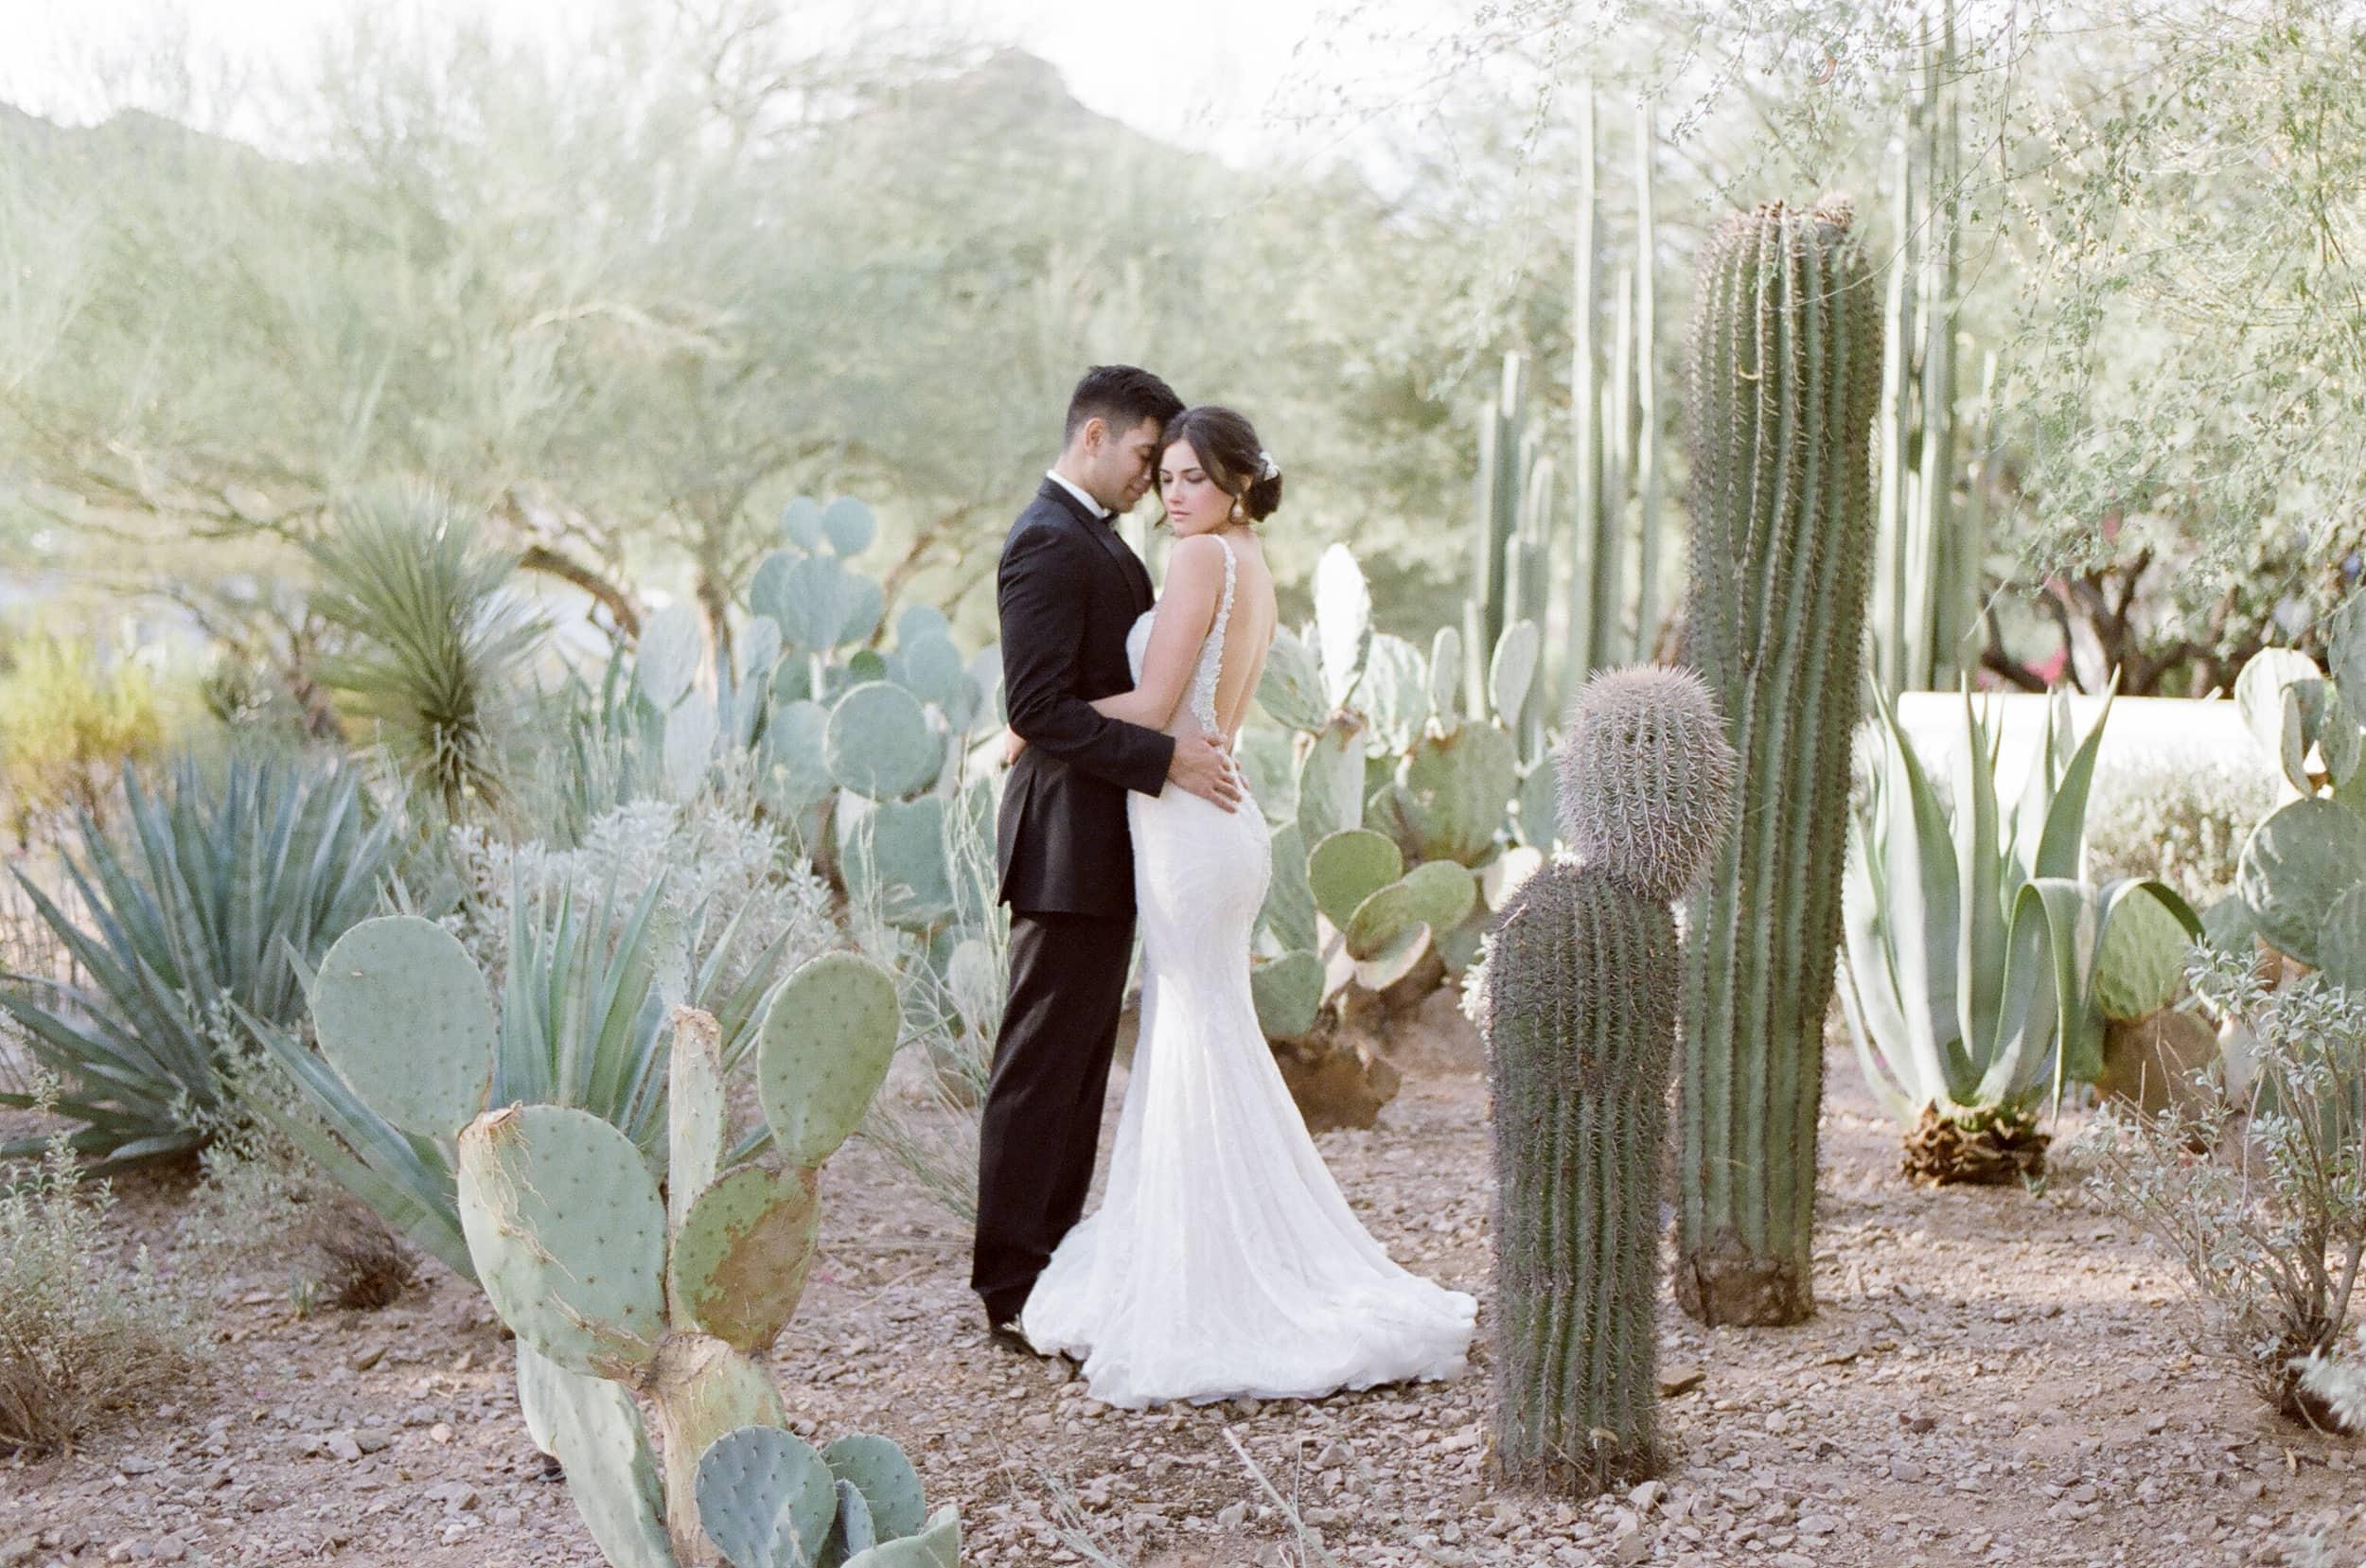 El-Chorro-Camelback-Mountain-Scottsdale-Arizona-wedding-2